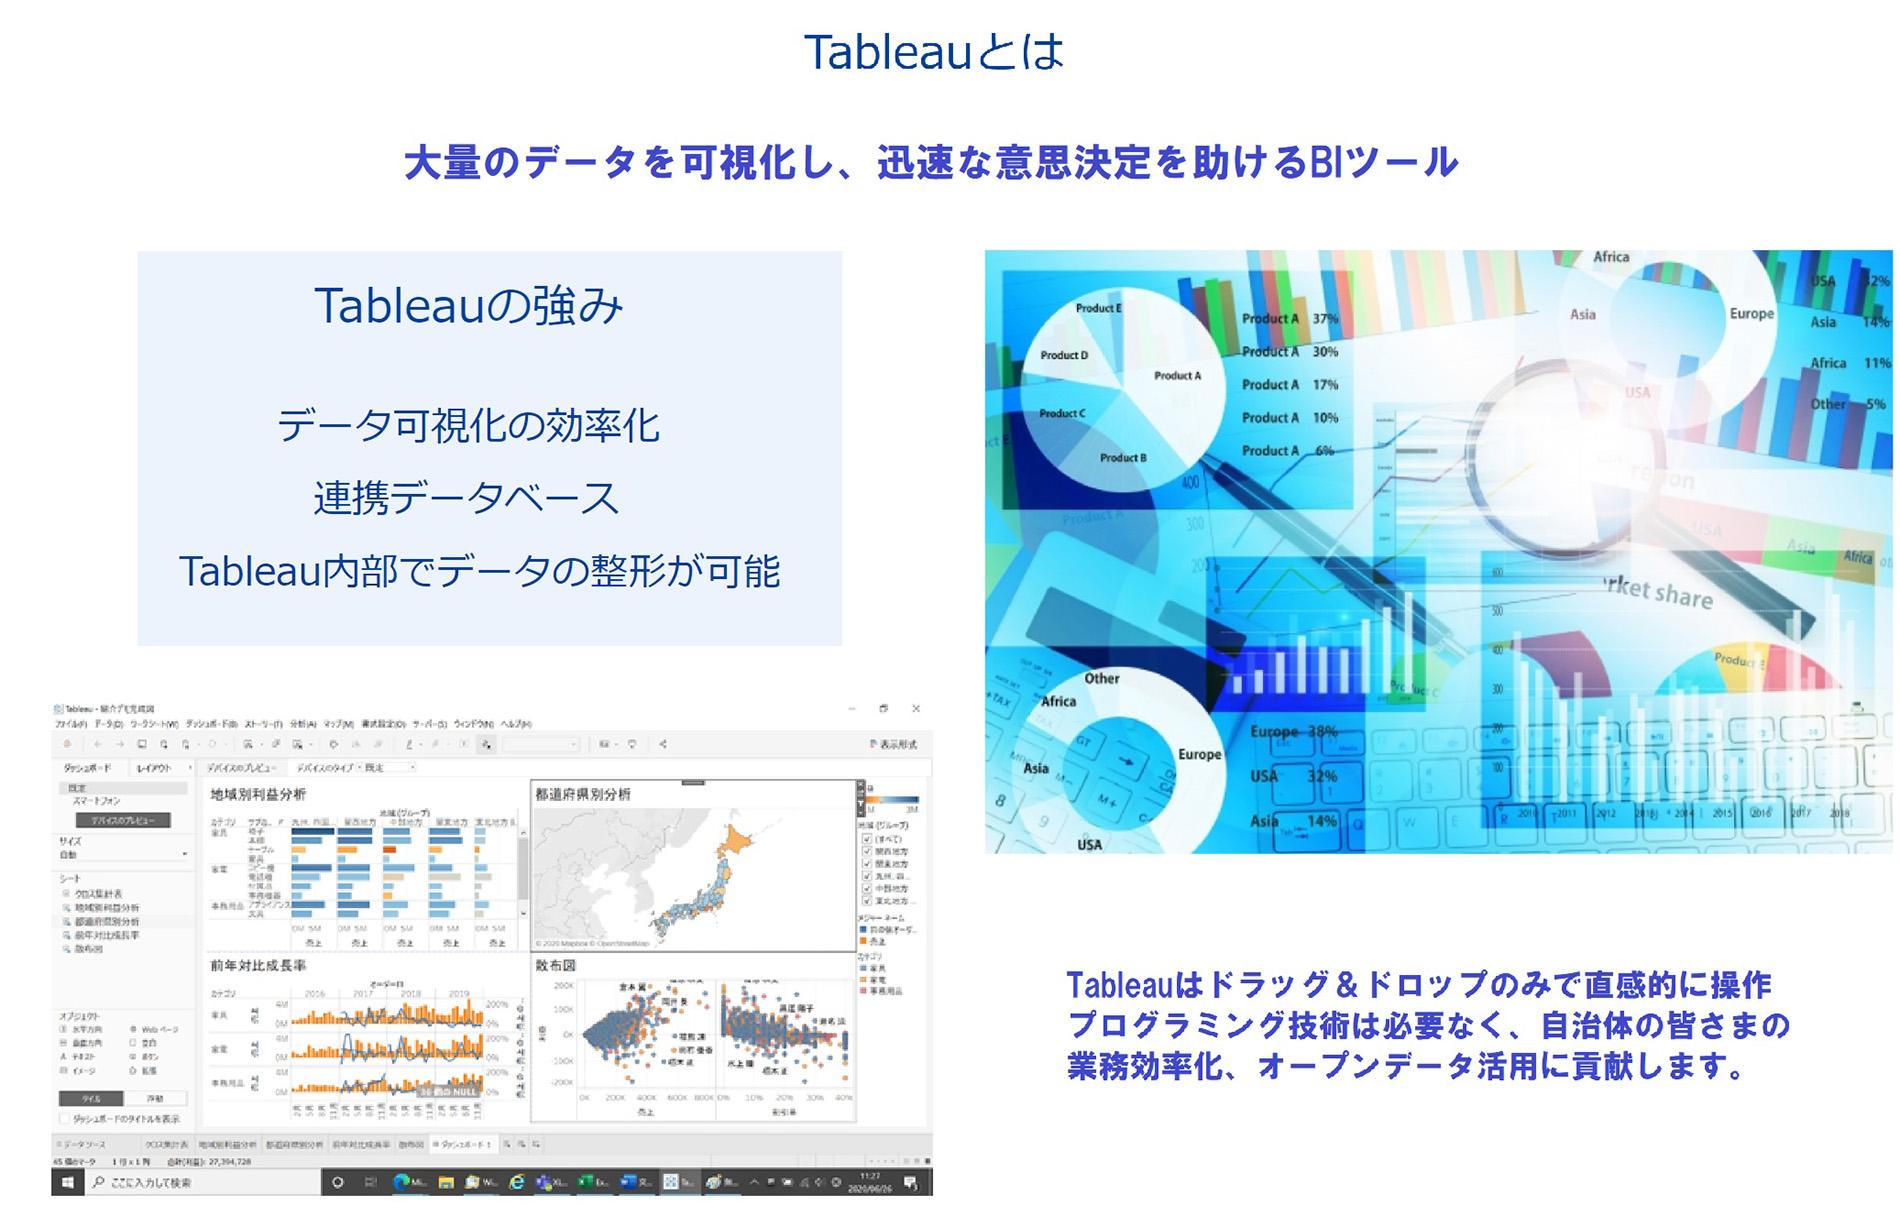 ビジュアル分析業務を支援するセルフ分析ツールTableau|株式会社サードウェーブソリューションズ